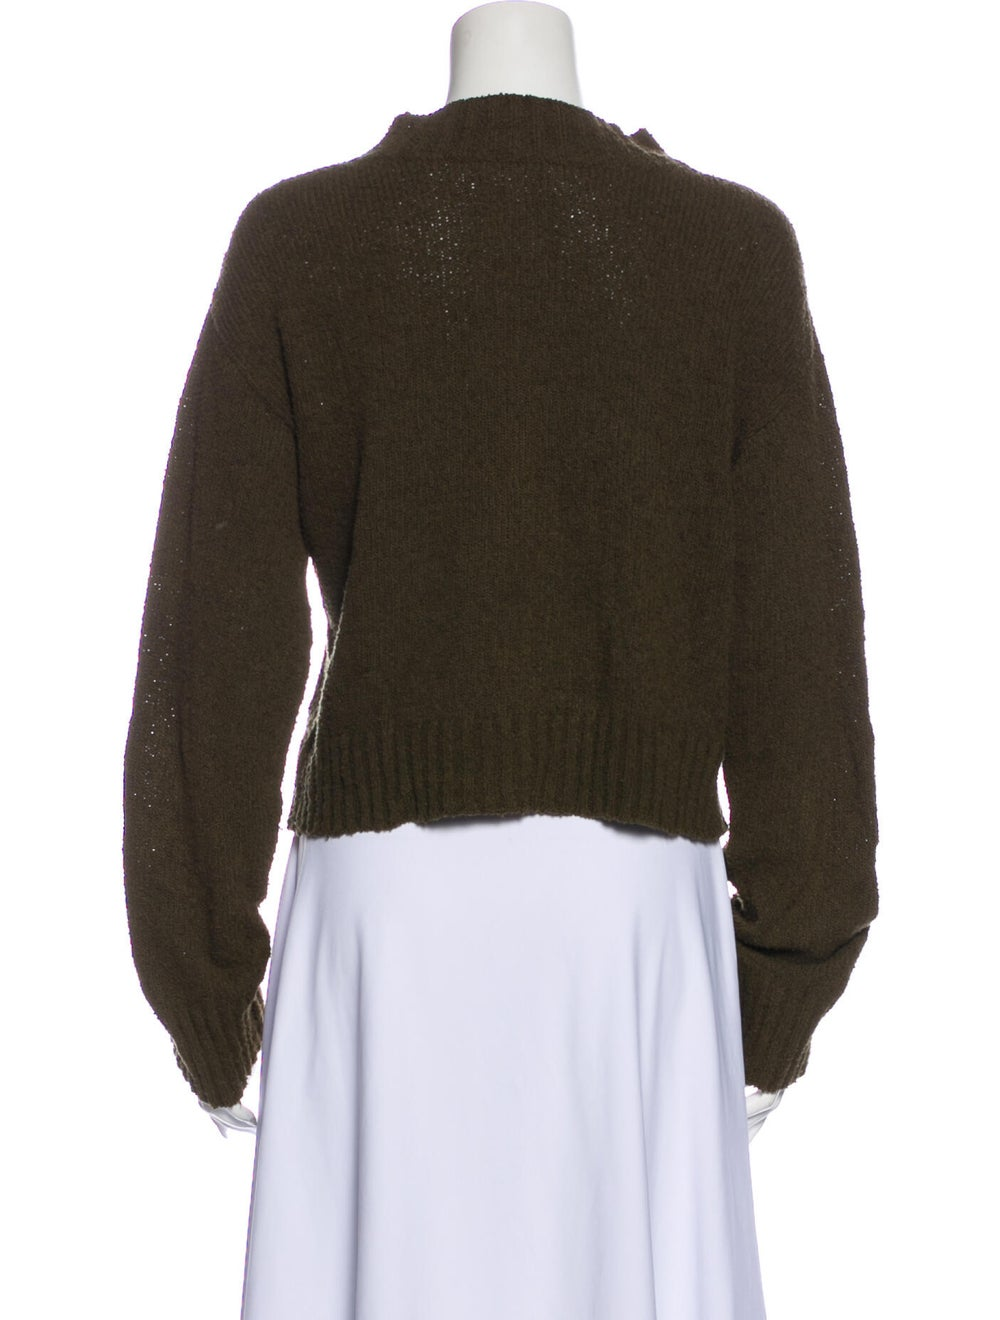 Dôen Mock Neck Sweater Green - image 3